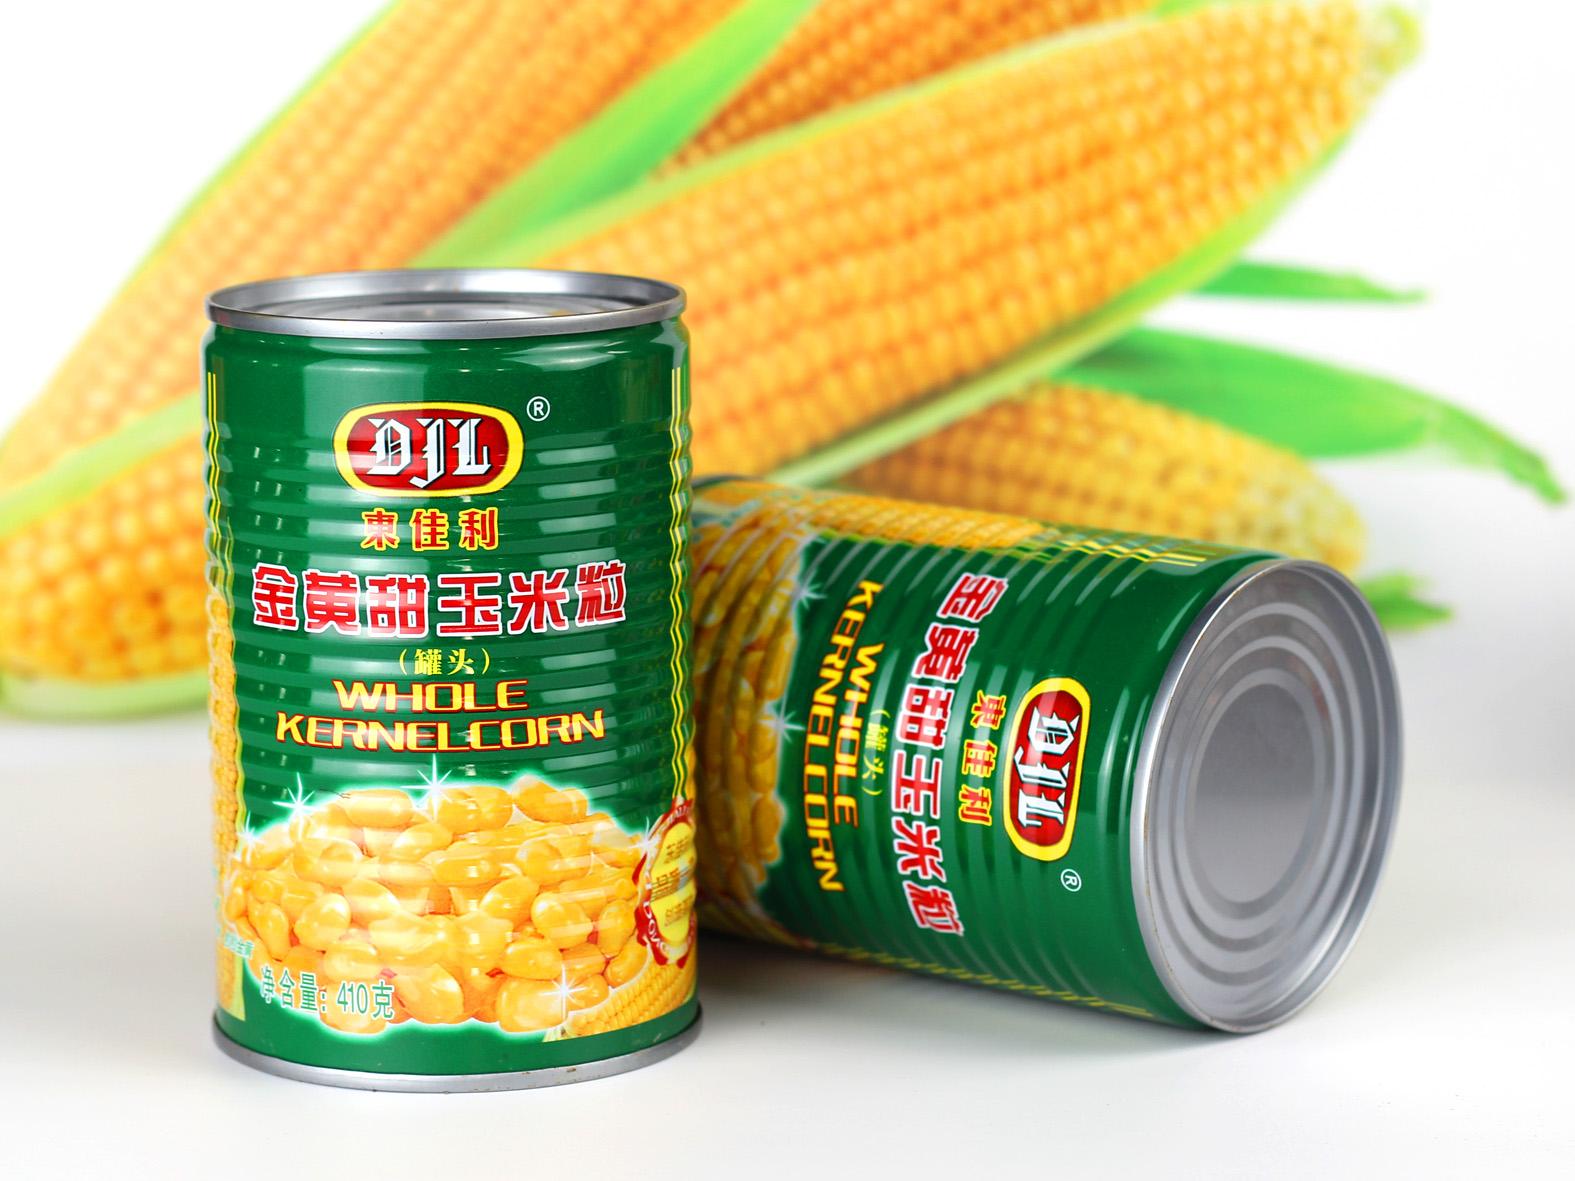 东佳利410g玉米粒